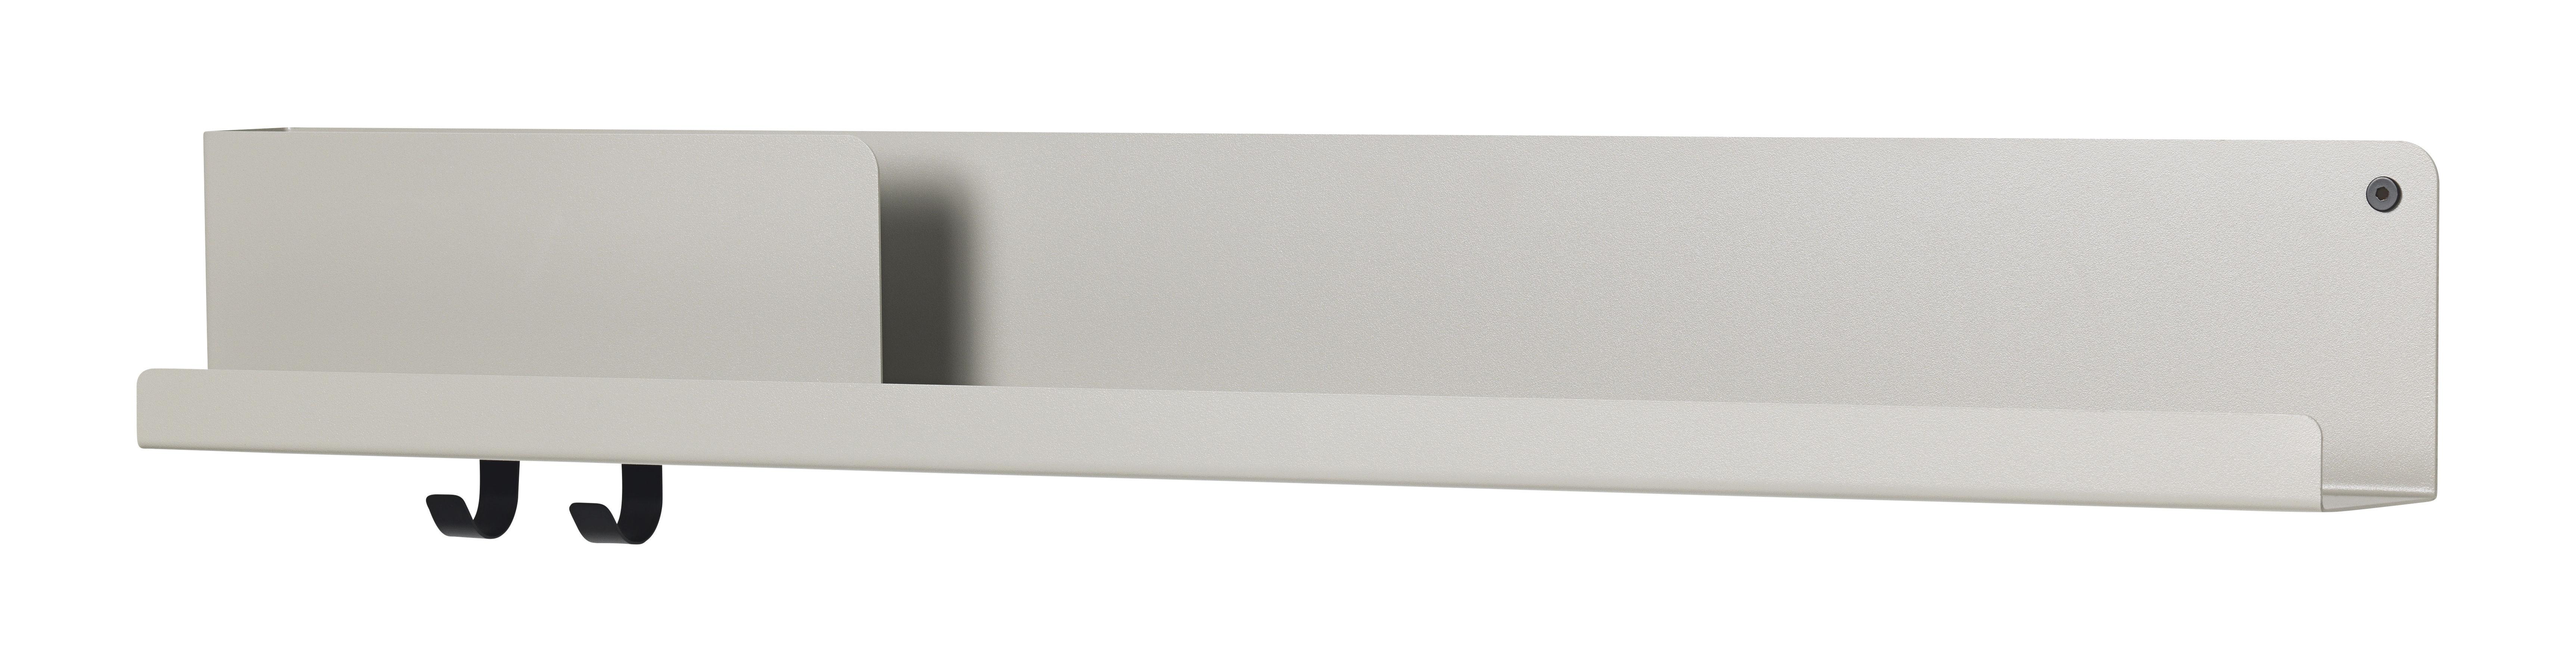 Möbel - Regale und Bücherregale - Folded Large Regal / L 95 cm - Metall - 2 Haken + 1 Ablagefach - Muuto - Grau - lackierter Stahl